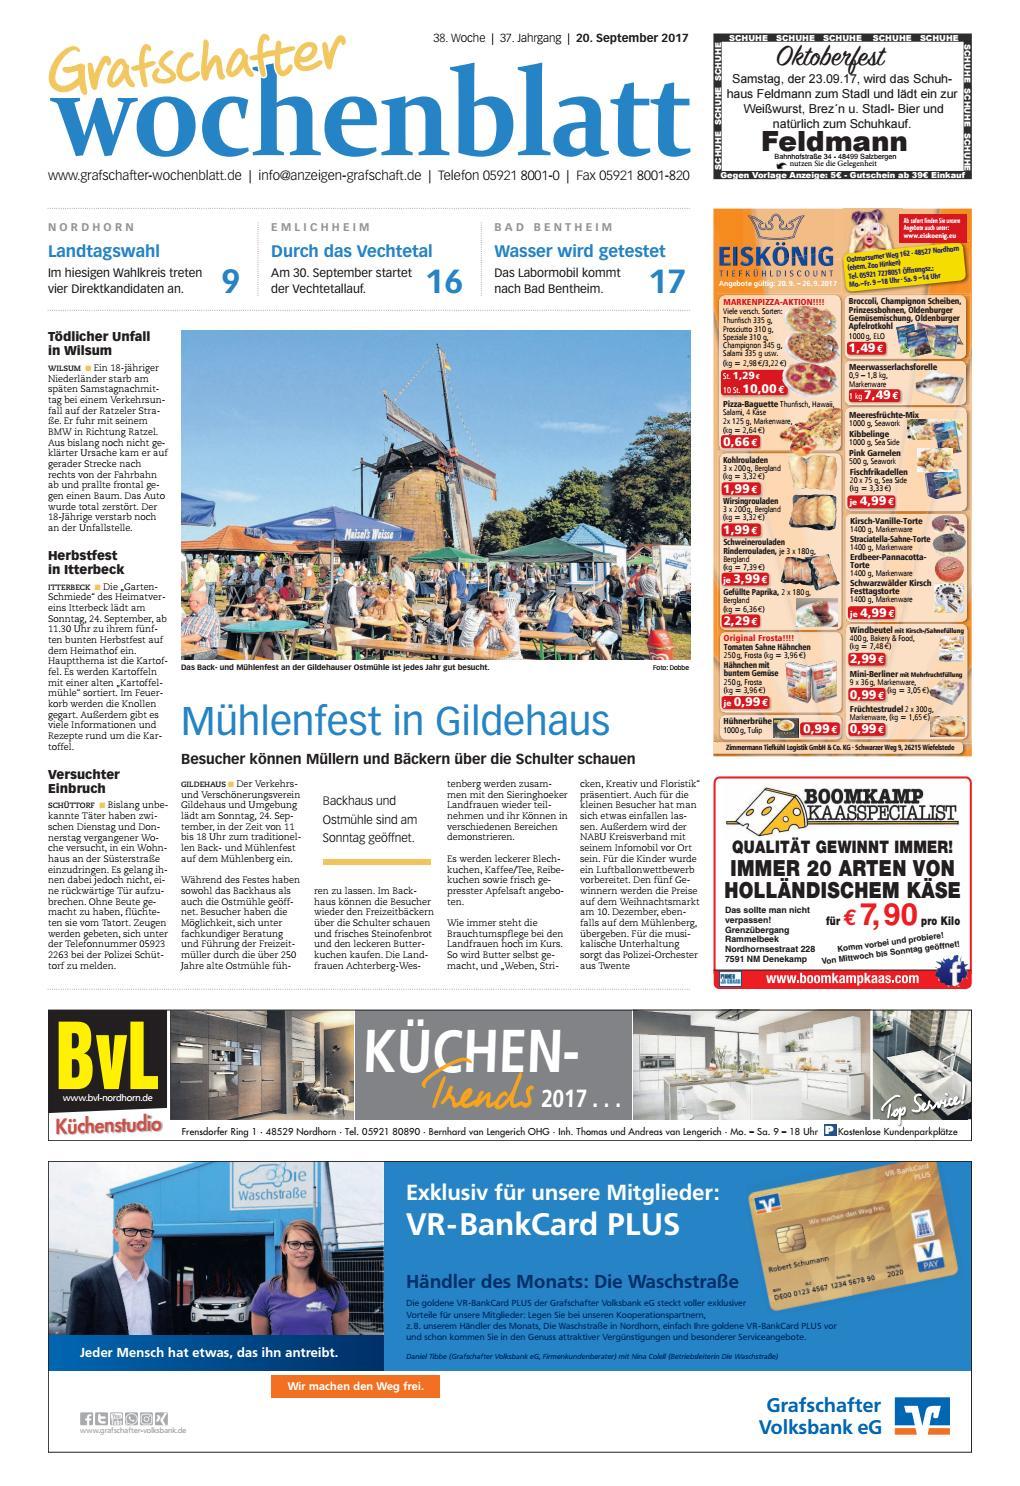 Grafschafter Wochenblatt 20. September 2017 By SonntagsZeitung   Issuu